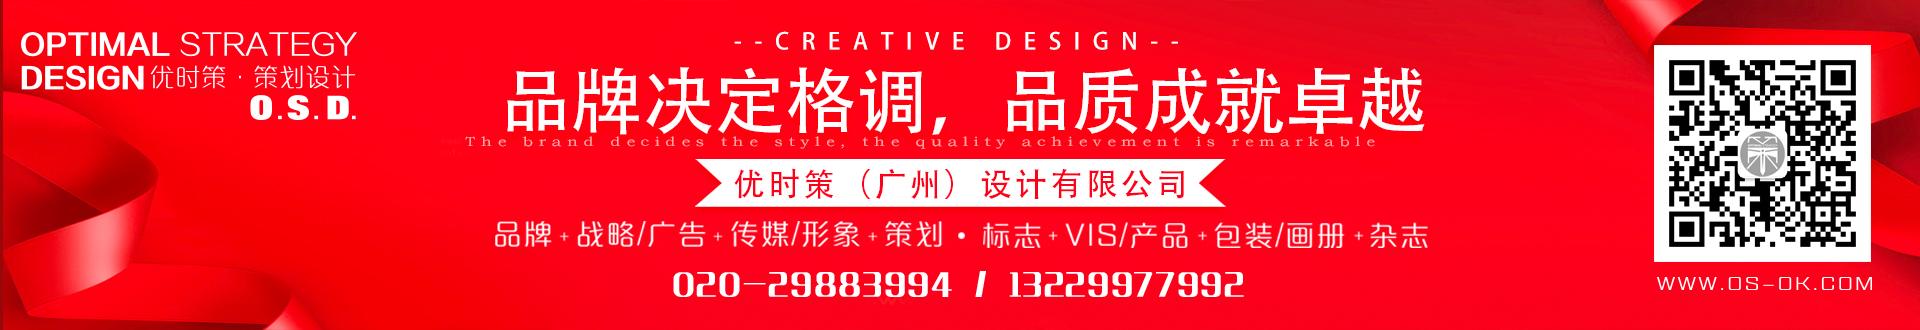 优时策(广州)设计有限公司